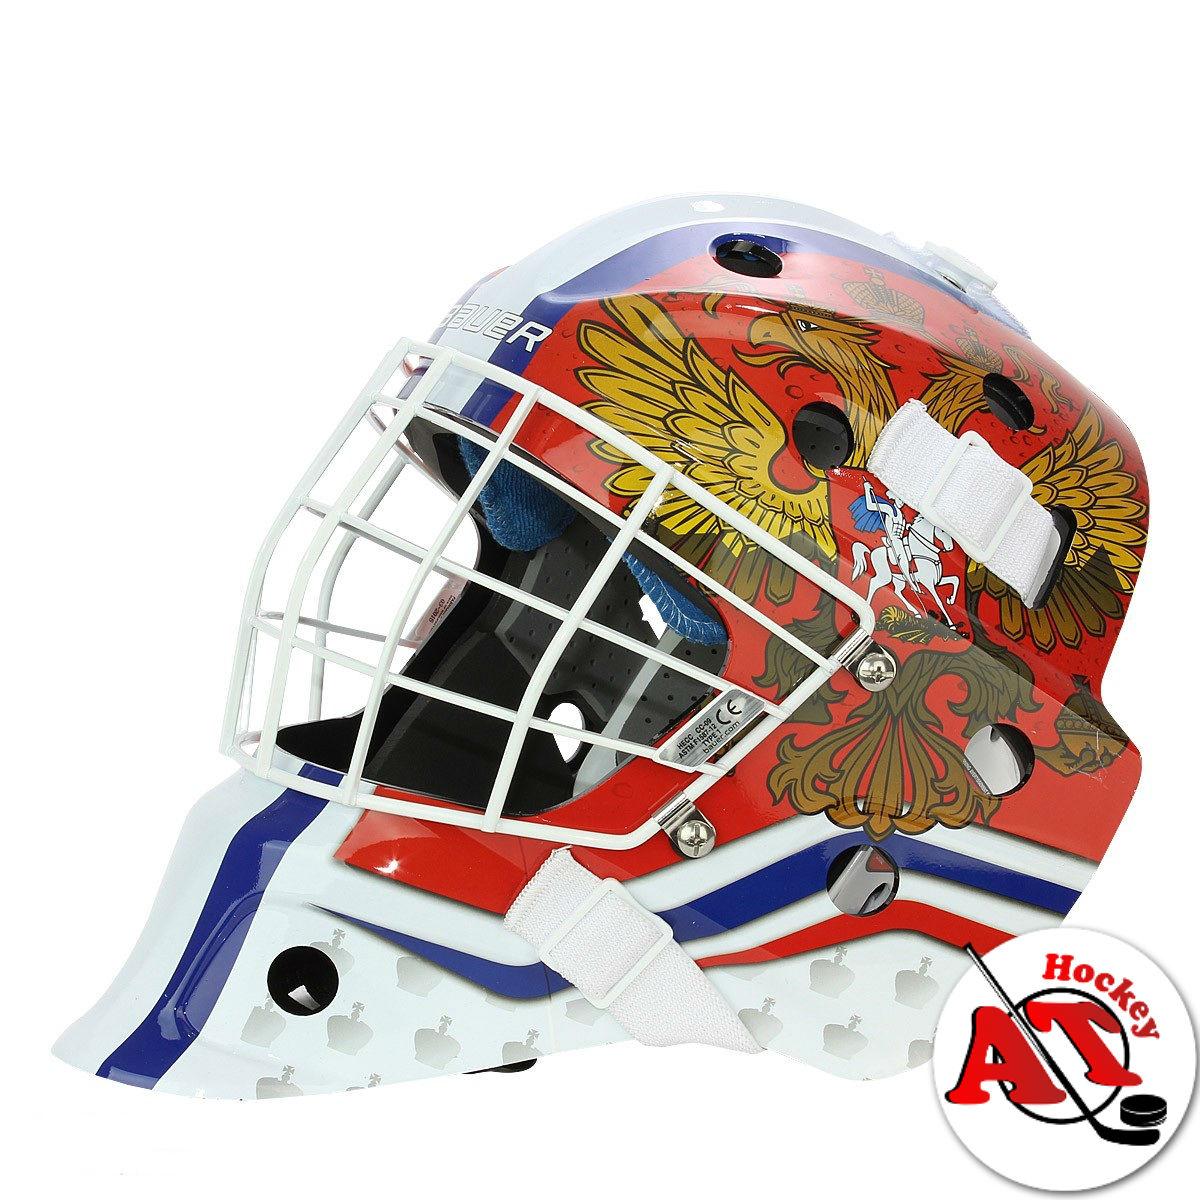 Как выбрать хоккейный шлем?